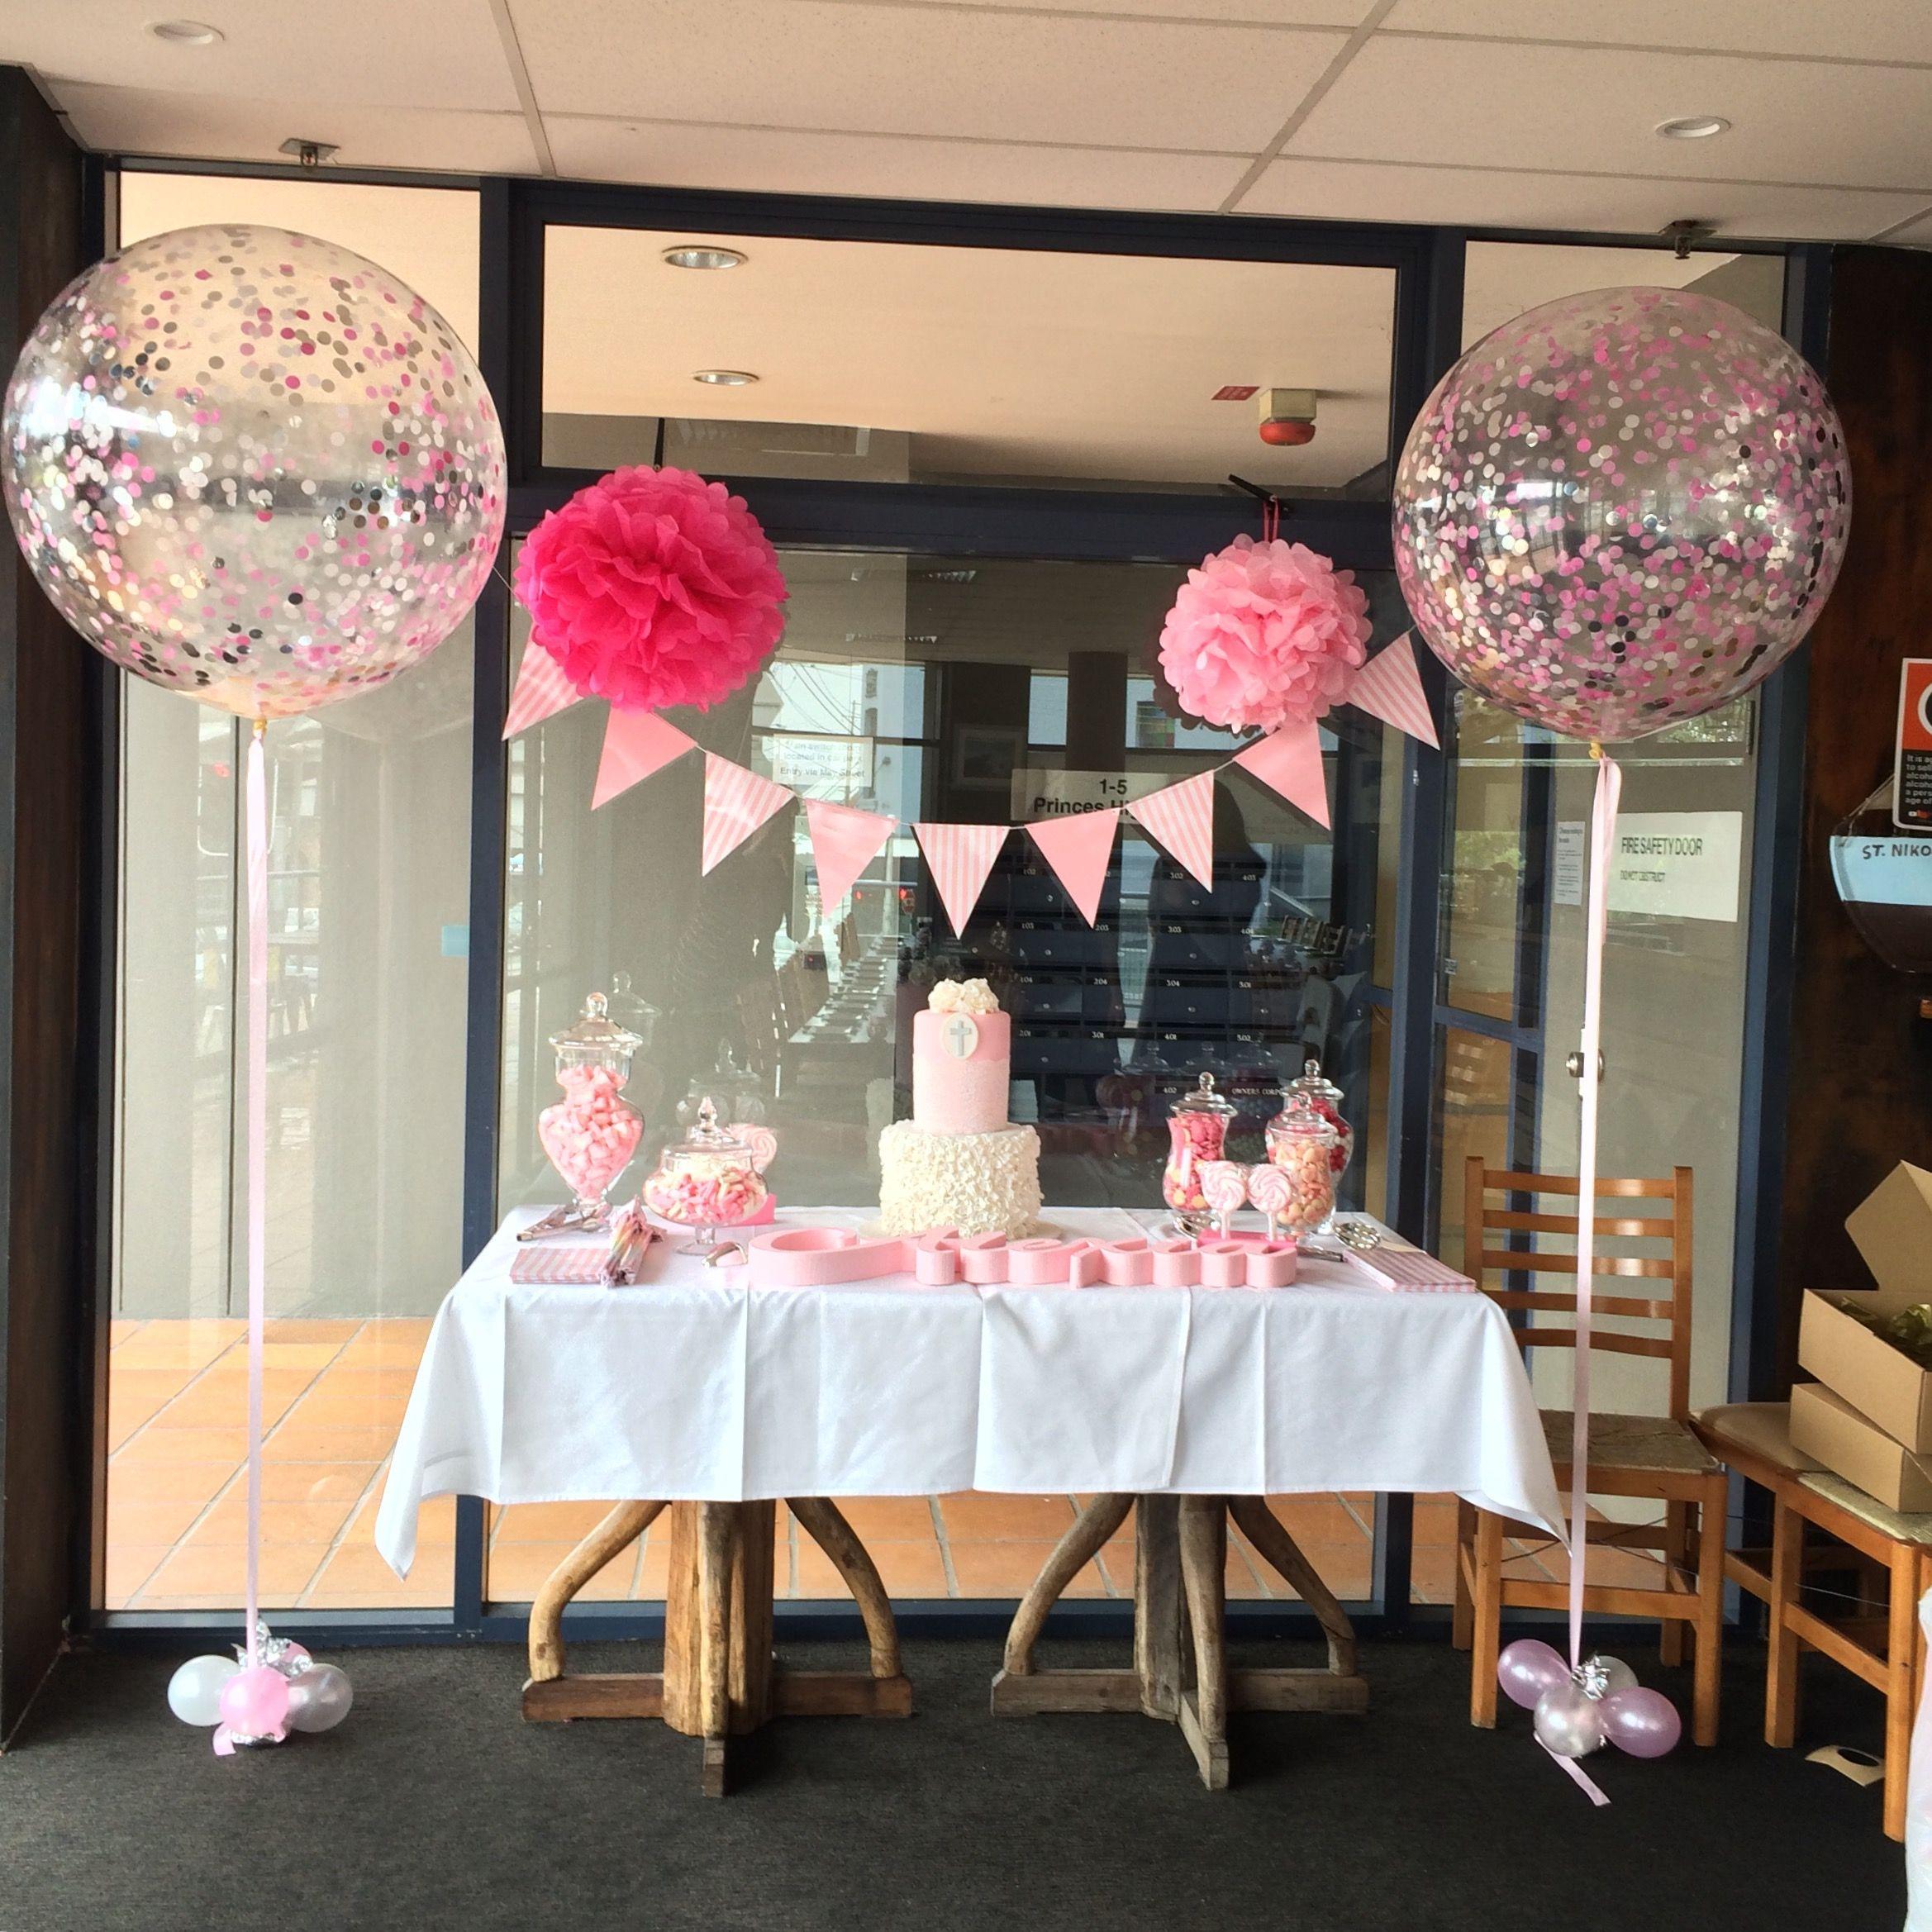 Cake Table Decor Giant Confetti Balloons Cake Table Decorations Confetti Balloons Birthday Confetti Balloons